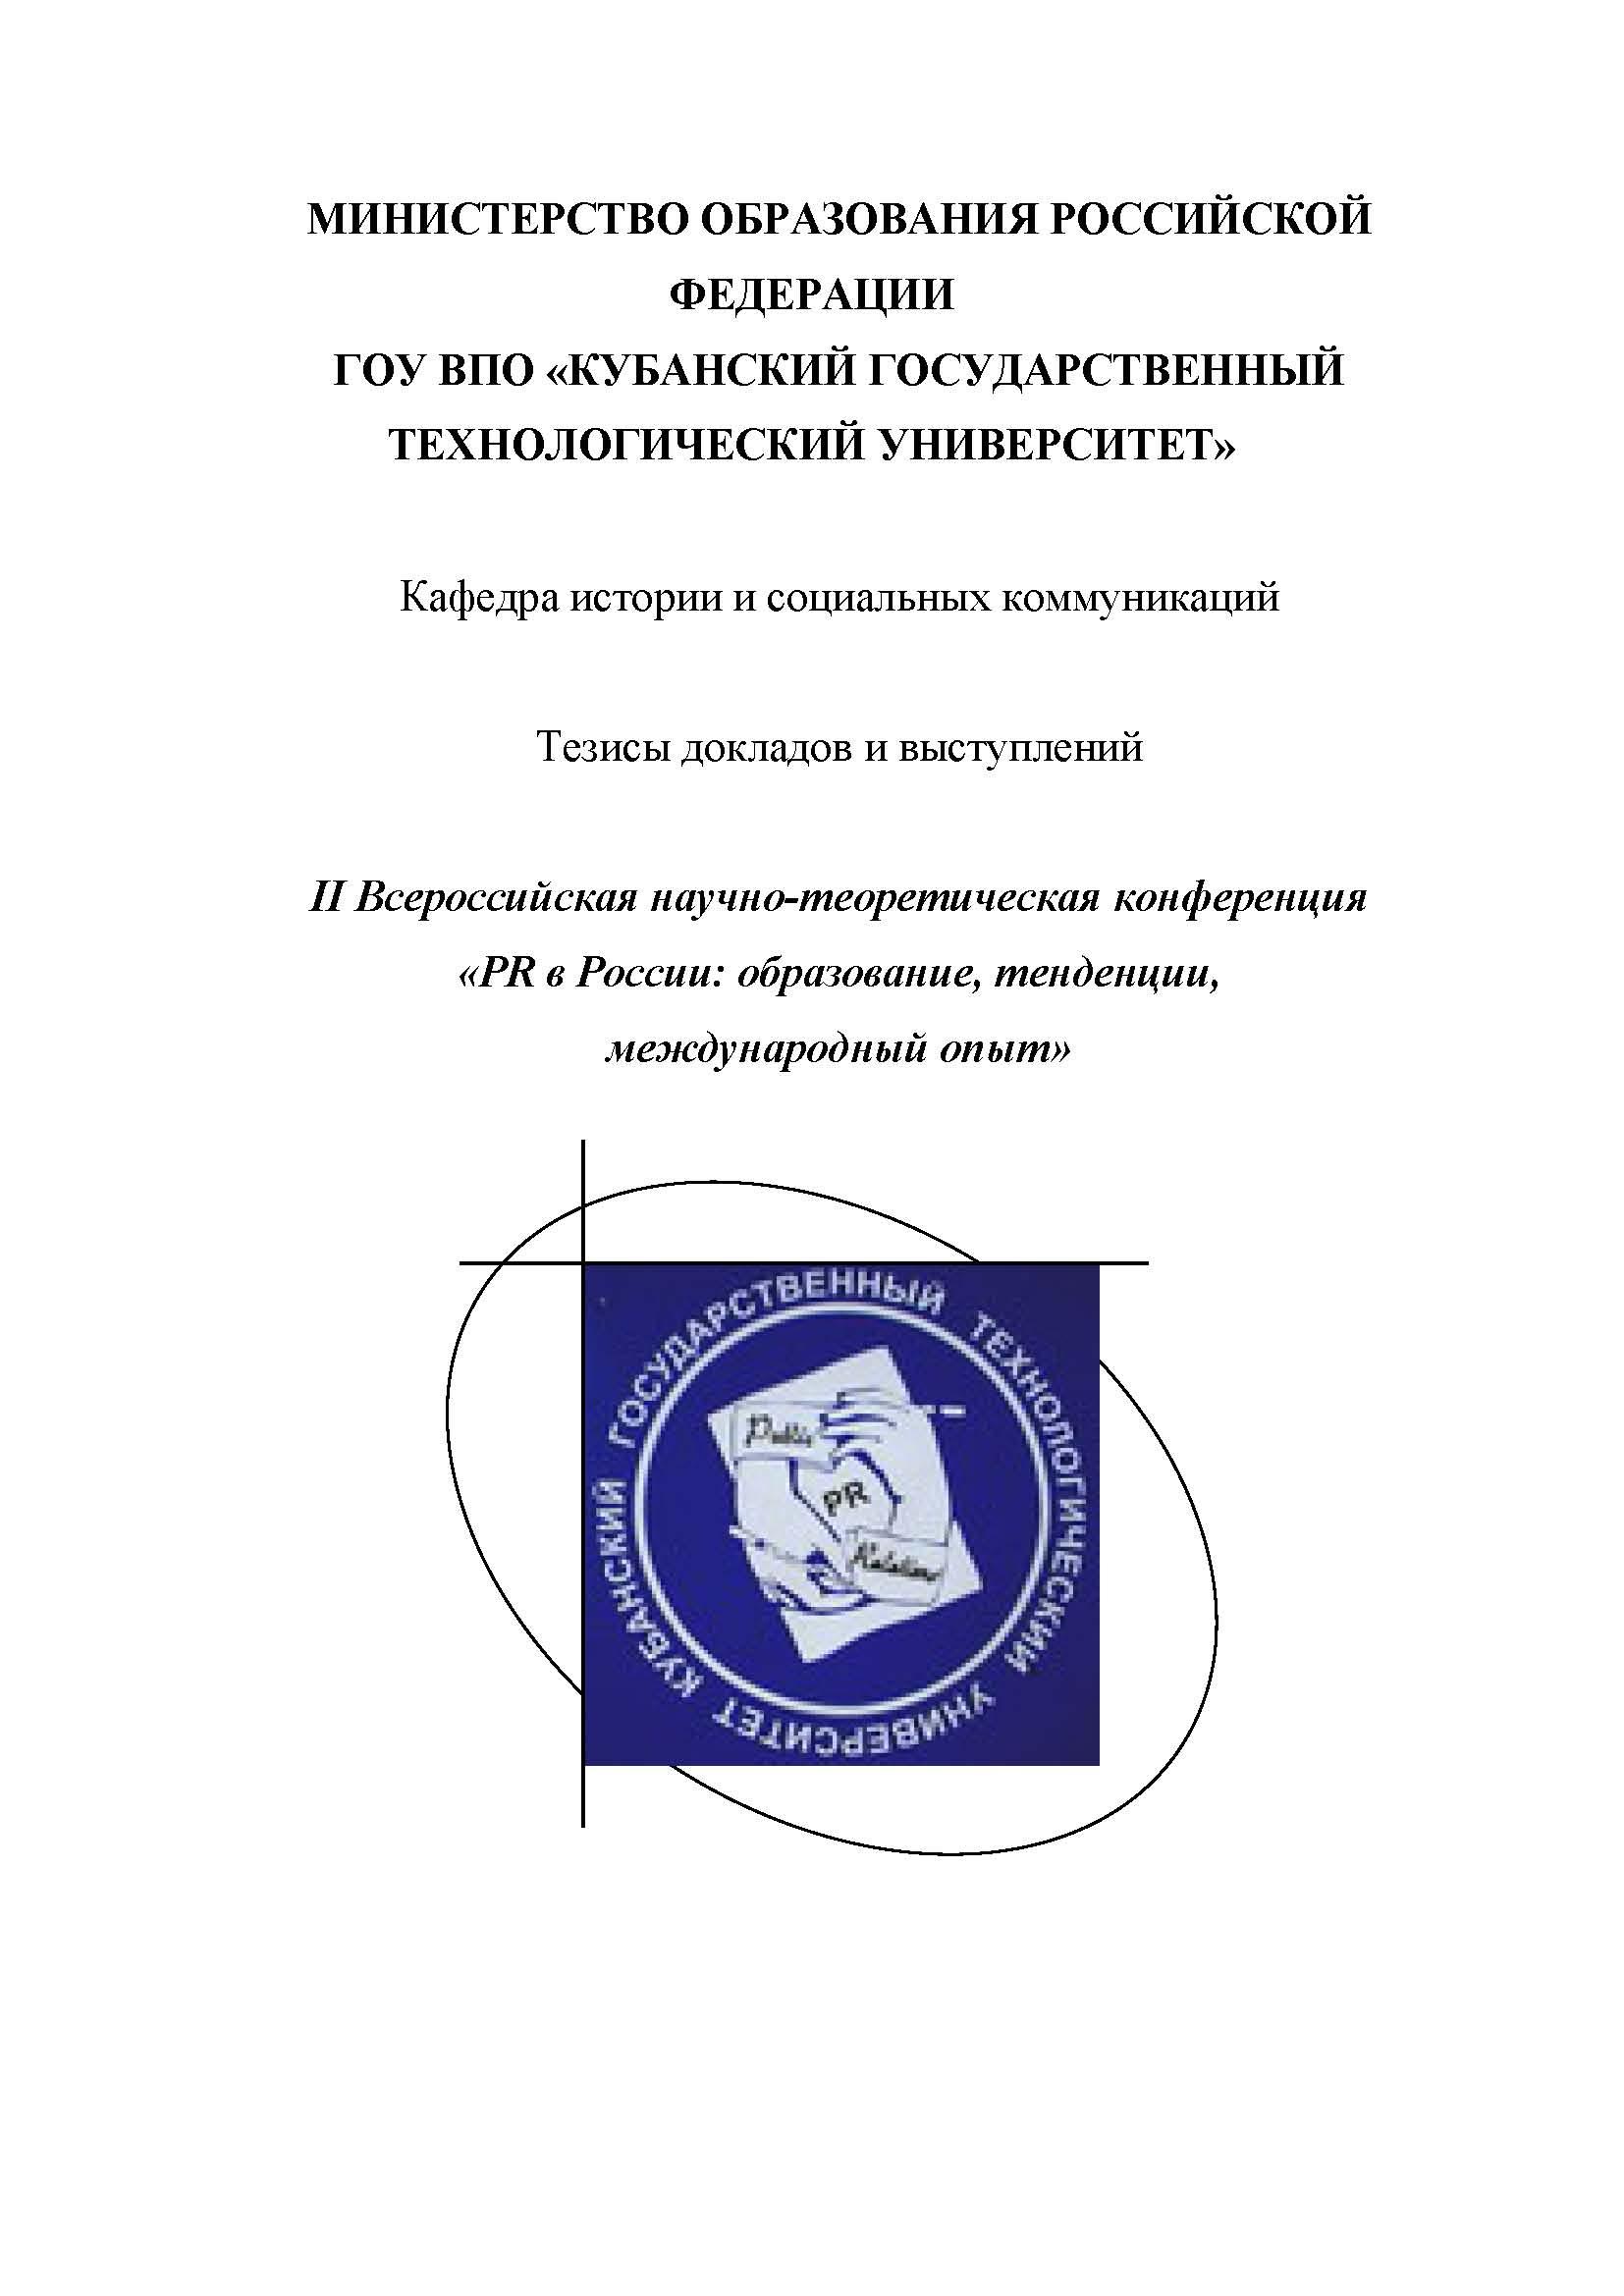 PR в России: образование, тенденции, международный опыт: тезисы докладов и выступлений II Всероссийской научно-практической конференции